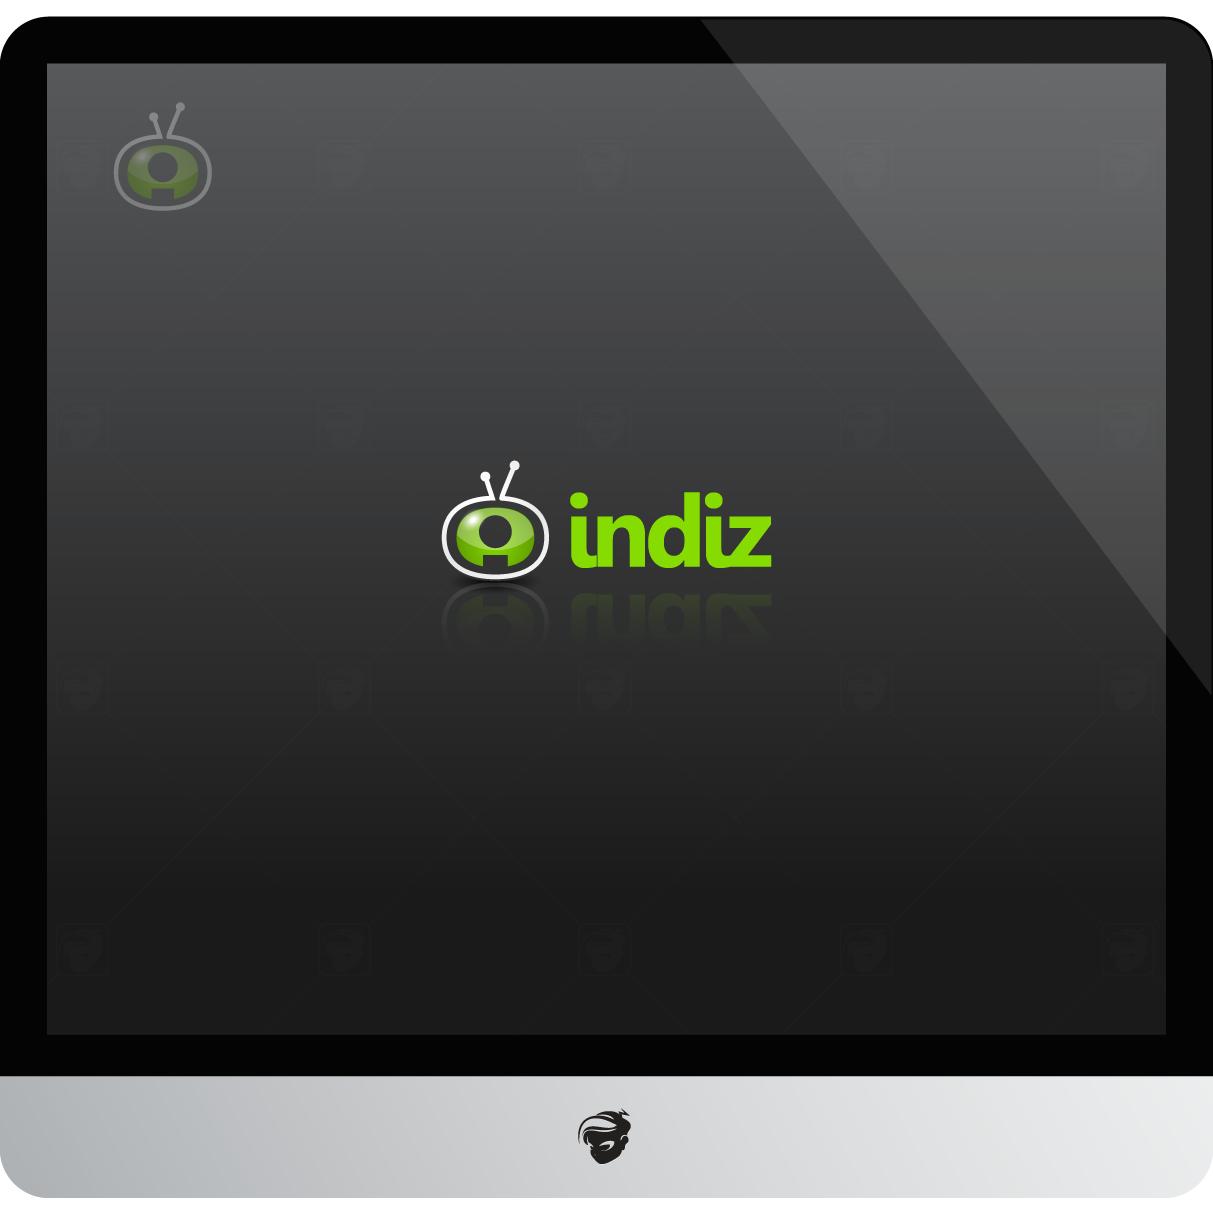 Logo Design by zesthar - Entry No. 167 in the Logo Design Contest Fun Logo Design for Indiz.